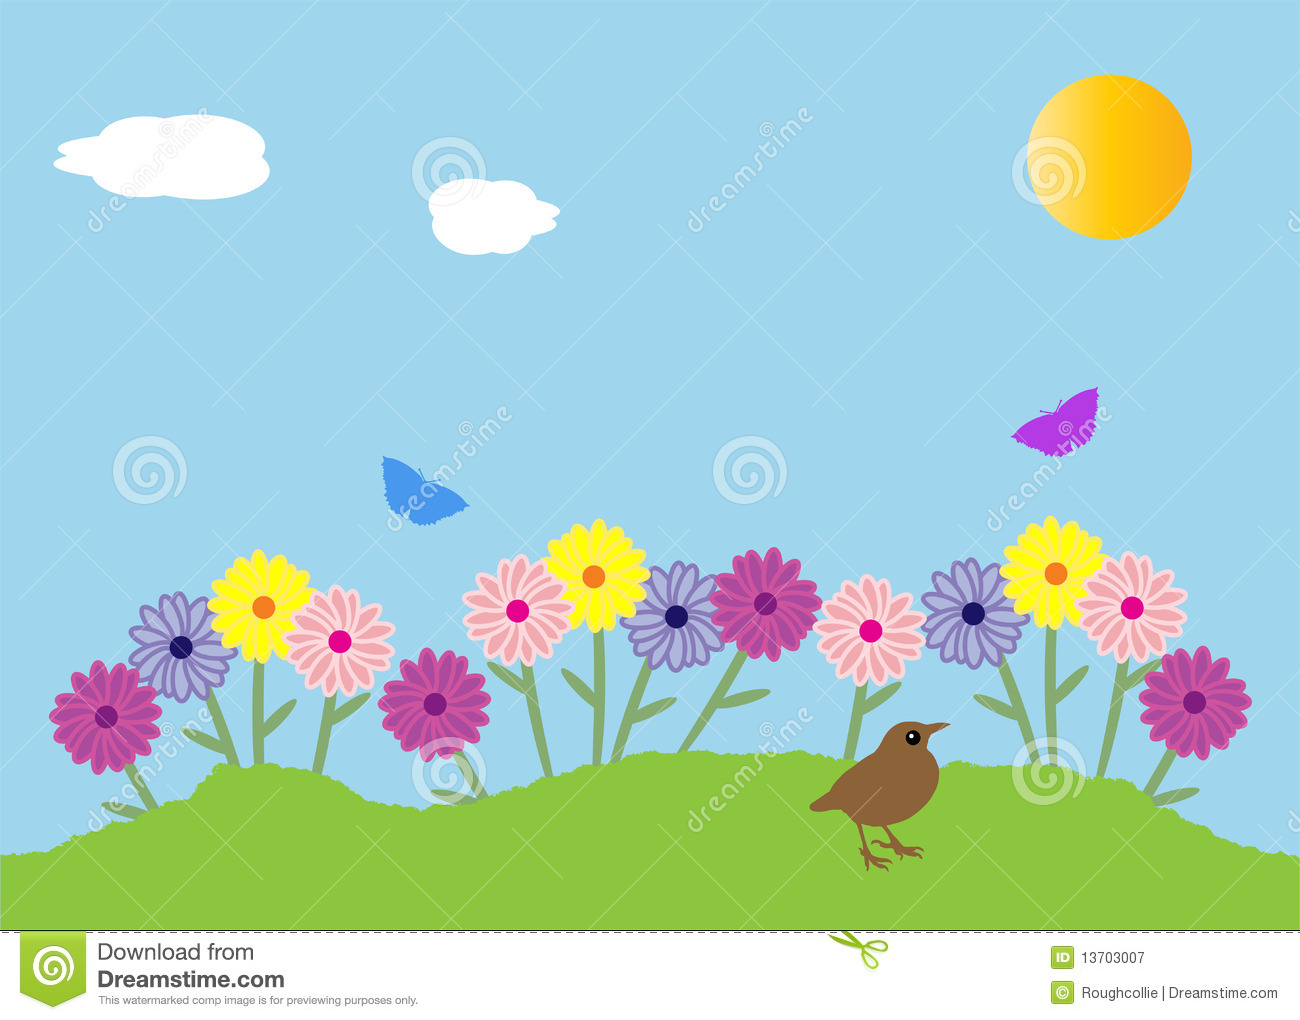 garden clipart - Garden Clipart